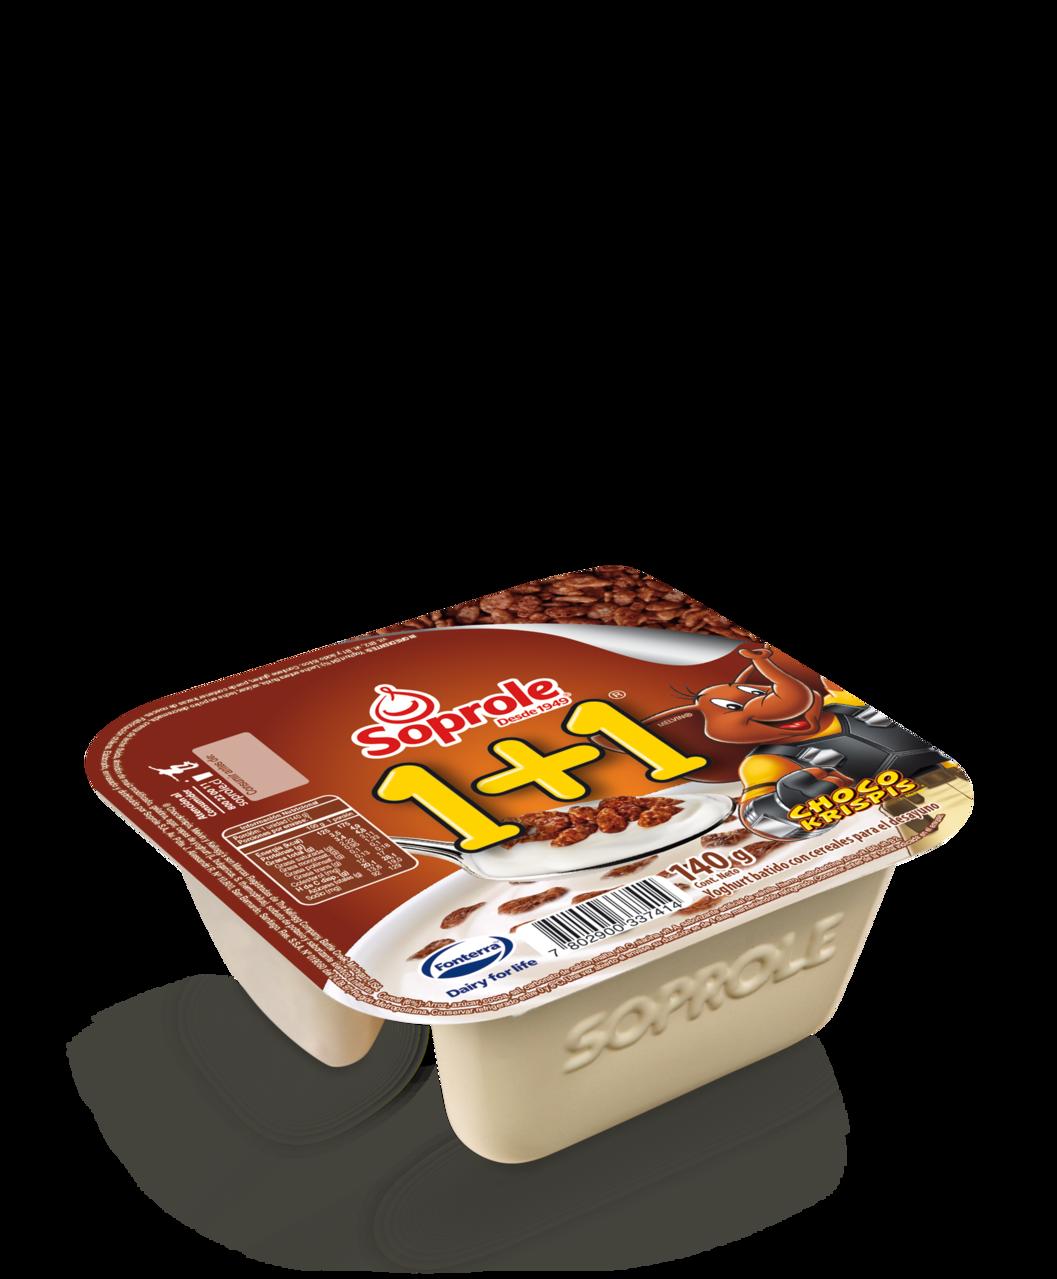 Soprole Yoghurt 1+1 sin cuchara Chocokrispis